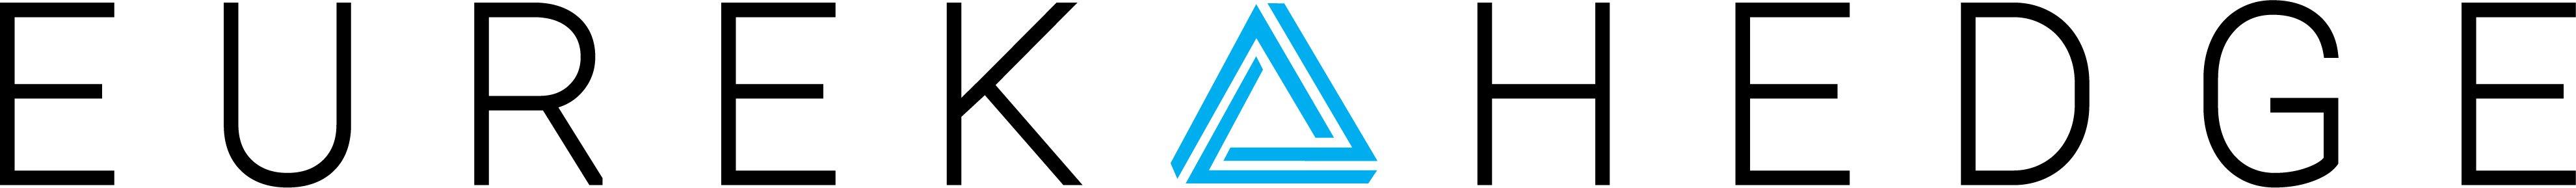 Eurekahedge Logo LARGE